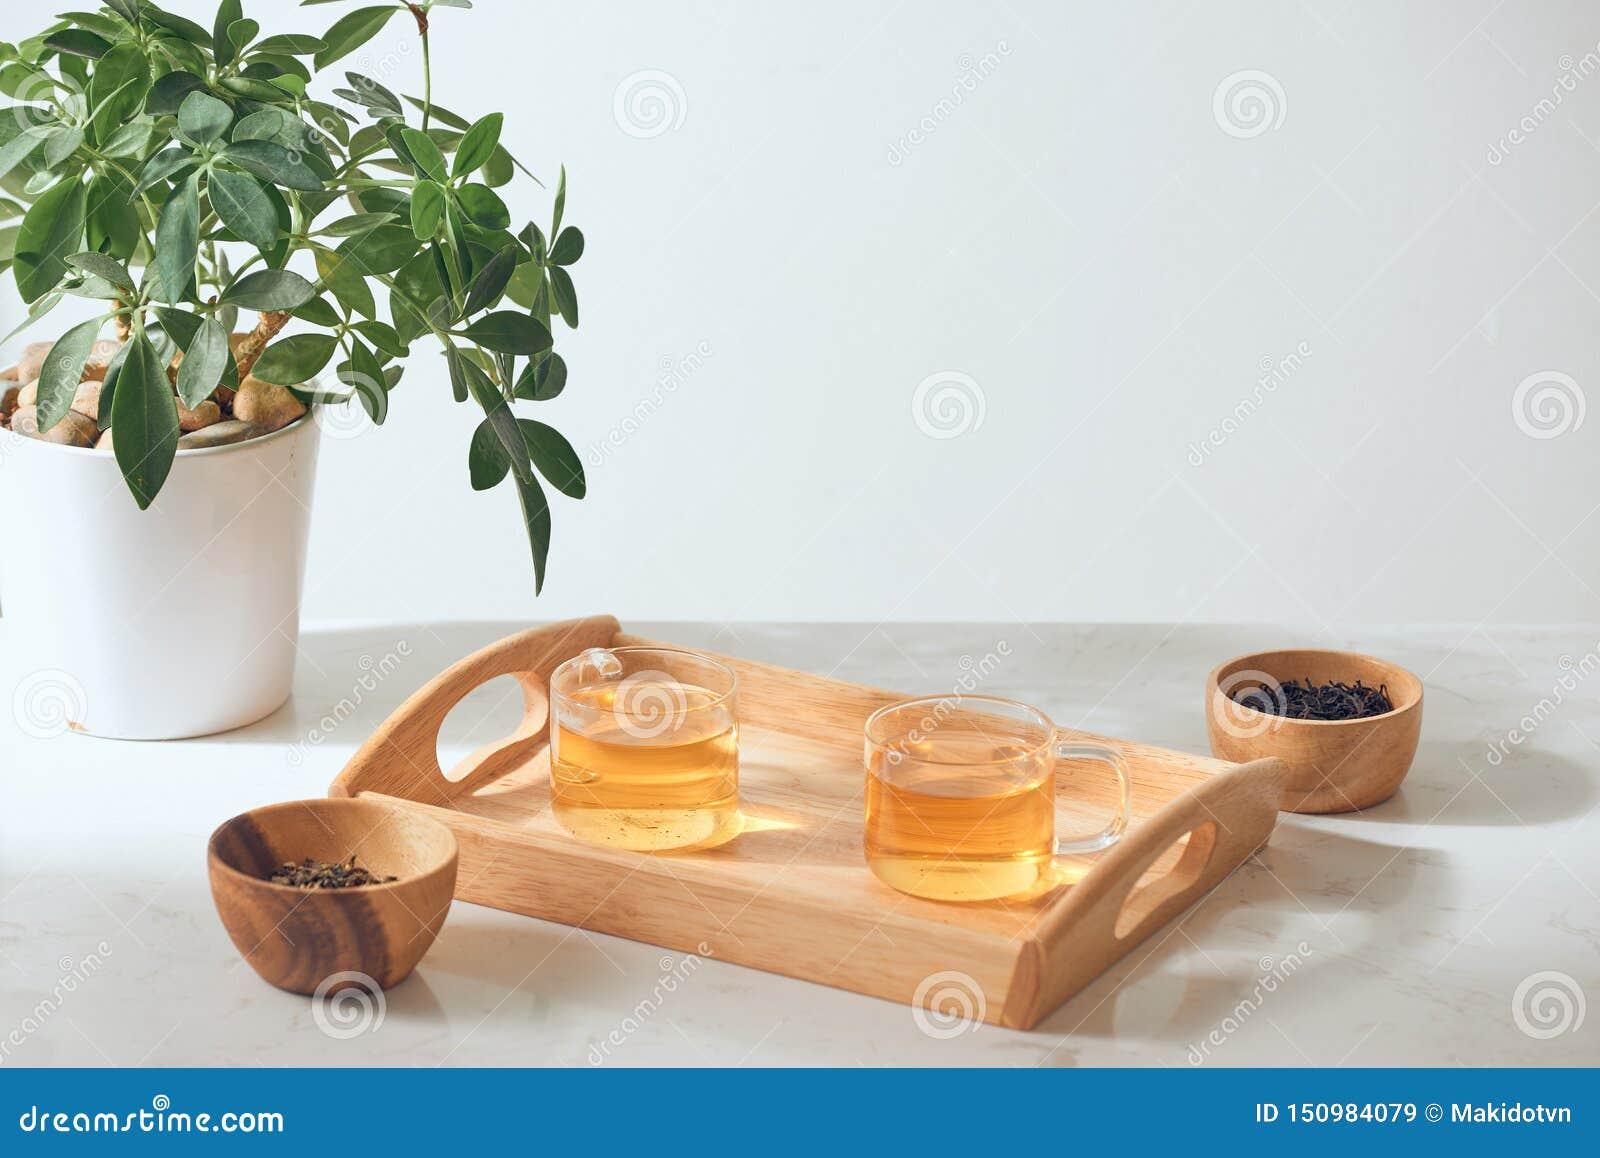 Το καυτό τσάι είναι στο γυαλί Τοποθετημένος σε έναν ξύλινο δίσκο